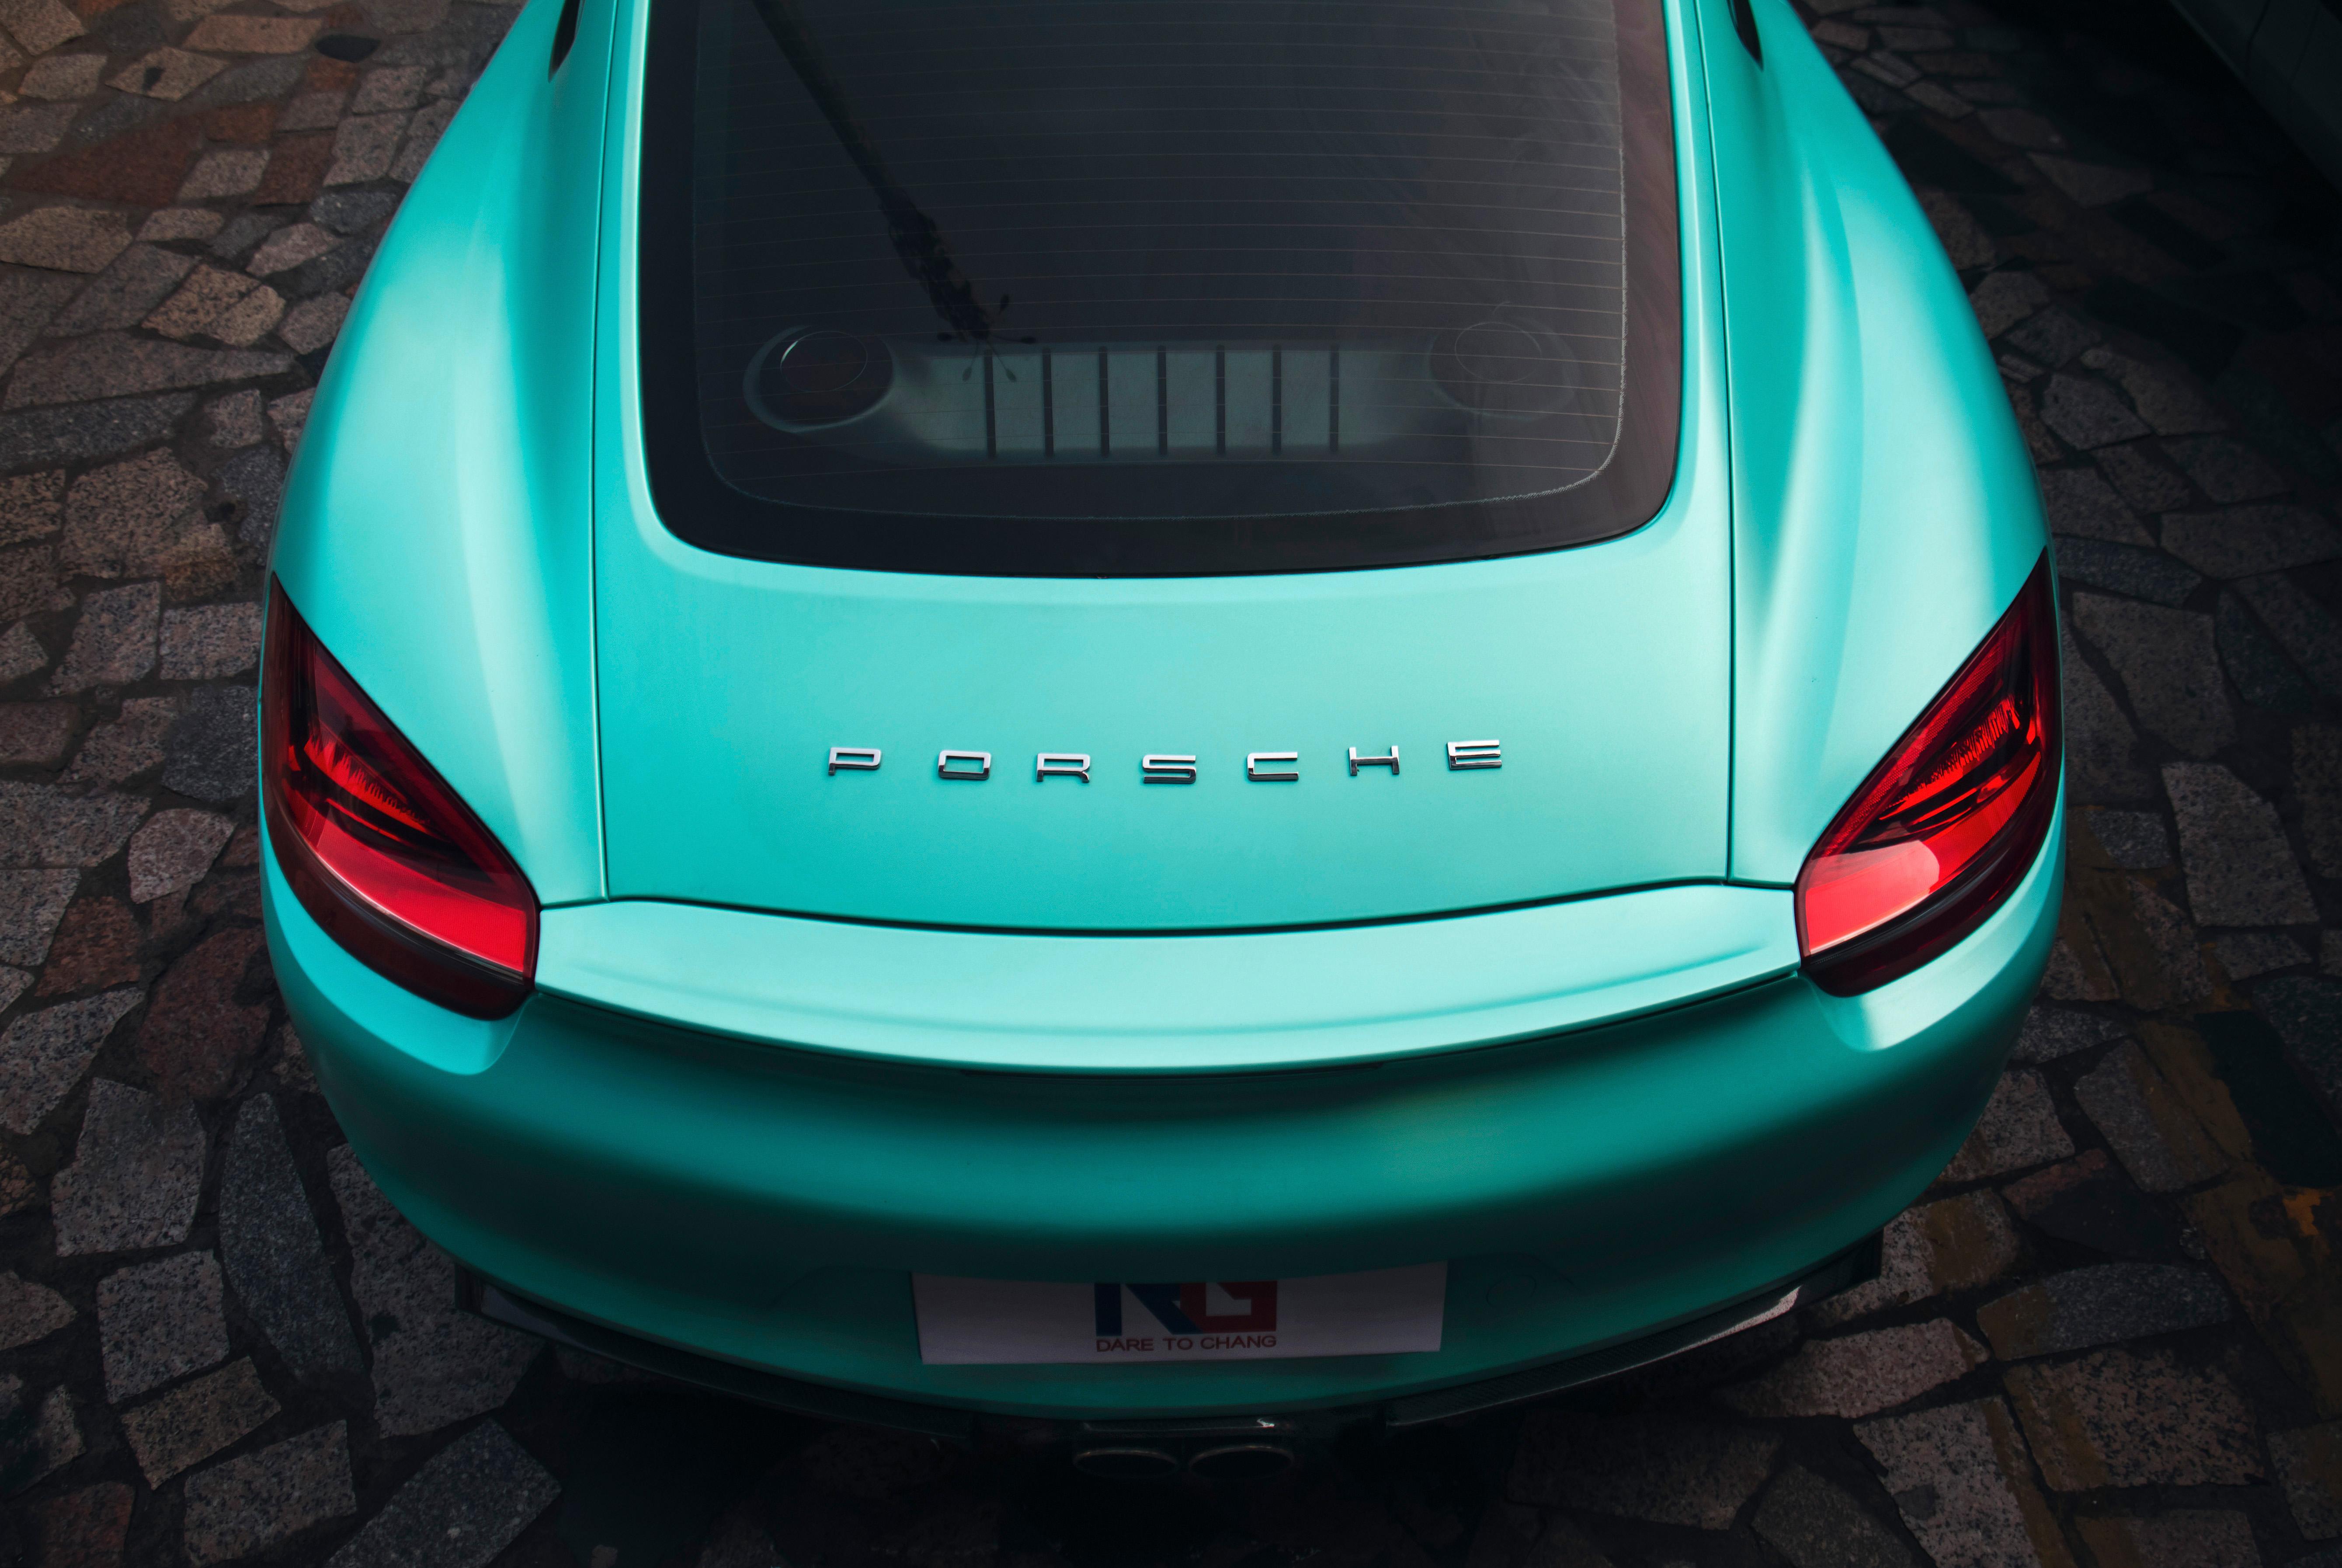 保时捷Cayman车身改色电光蒂芙尼案例